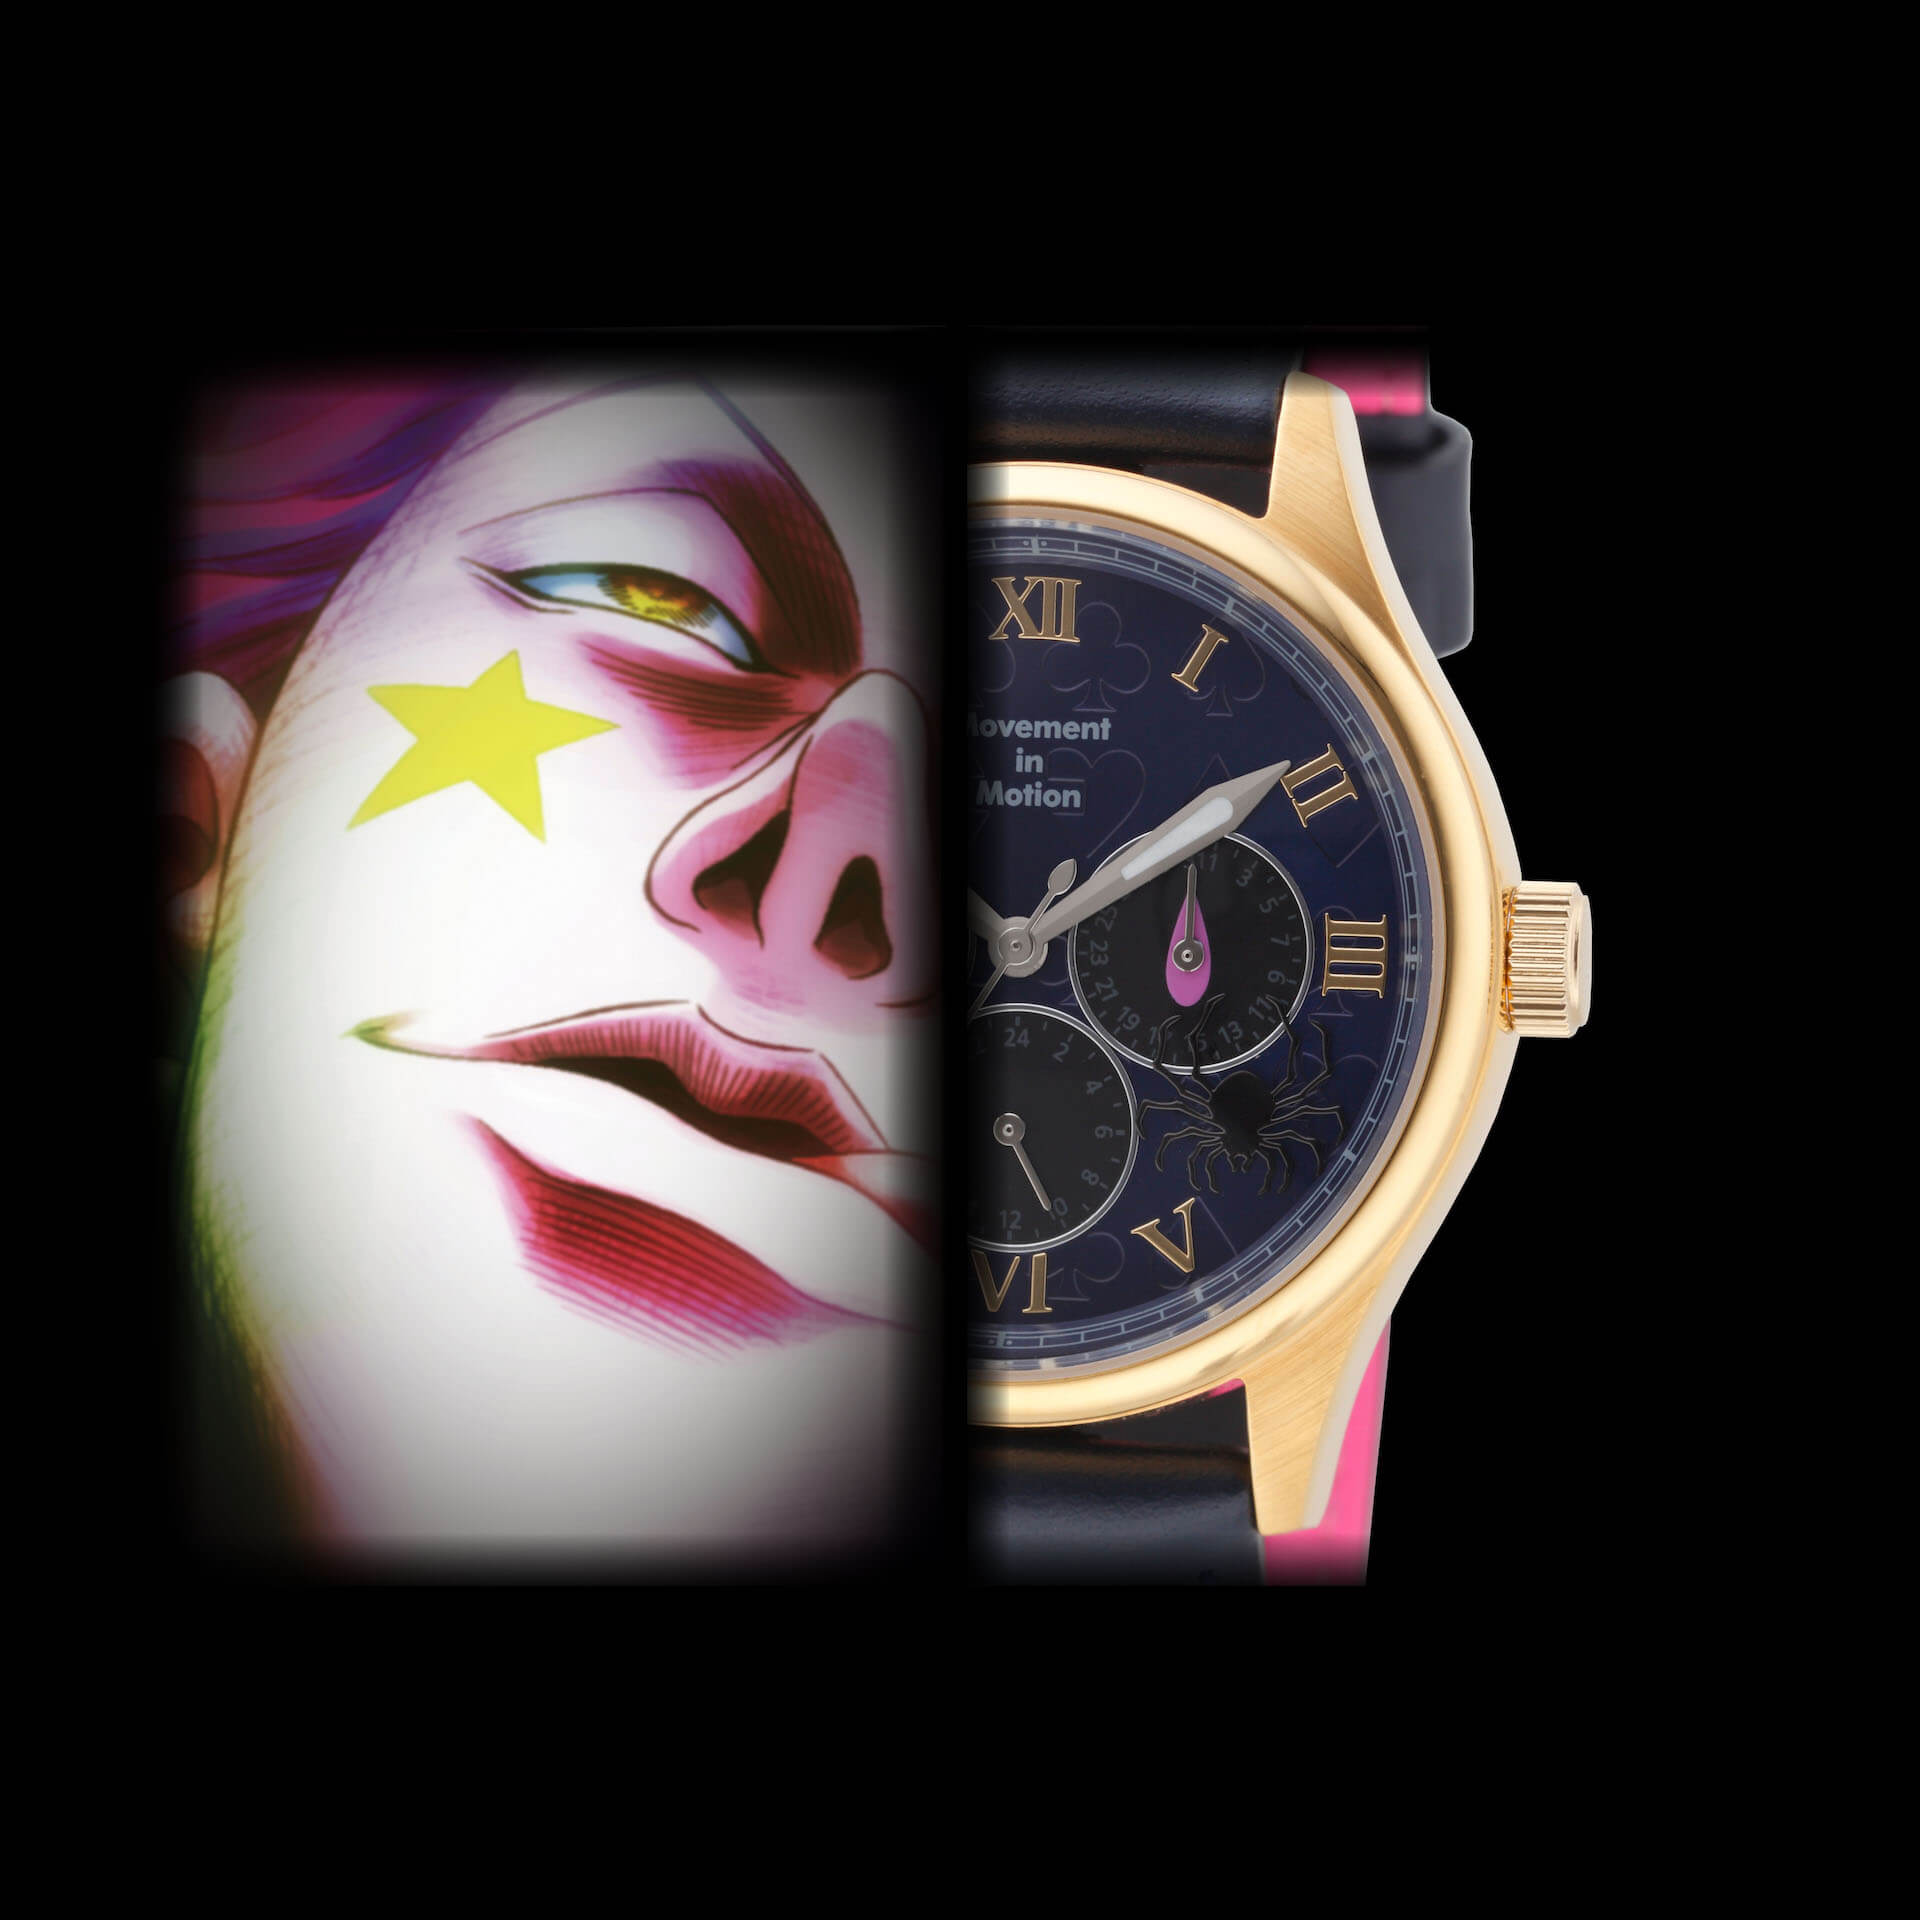 HUNTER×HUNTERとTiCTACの初コラボレーション腕時計が登場|ゴンやヒソカたち、人気キャラクターを表現 sub6-1